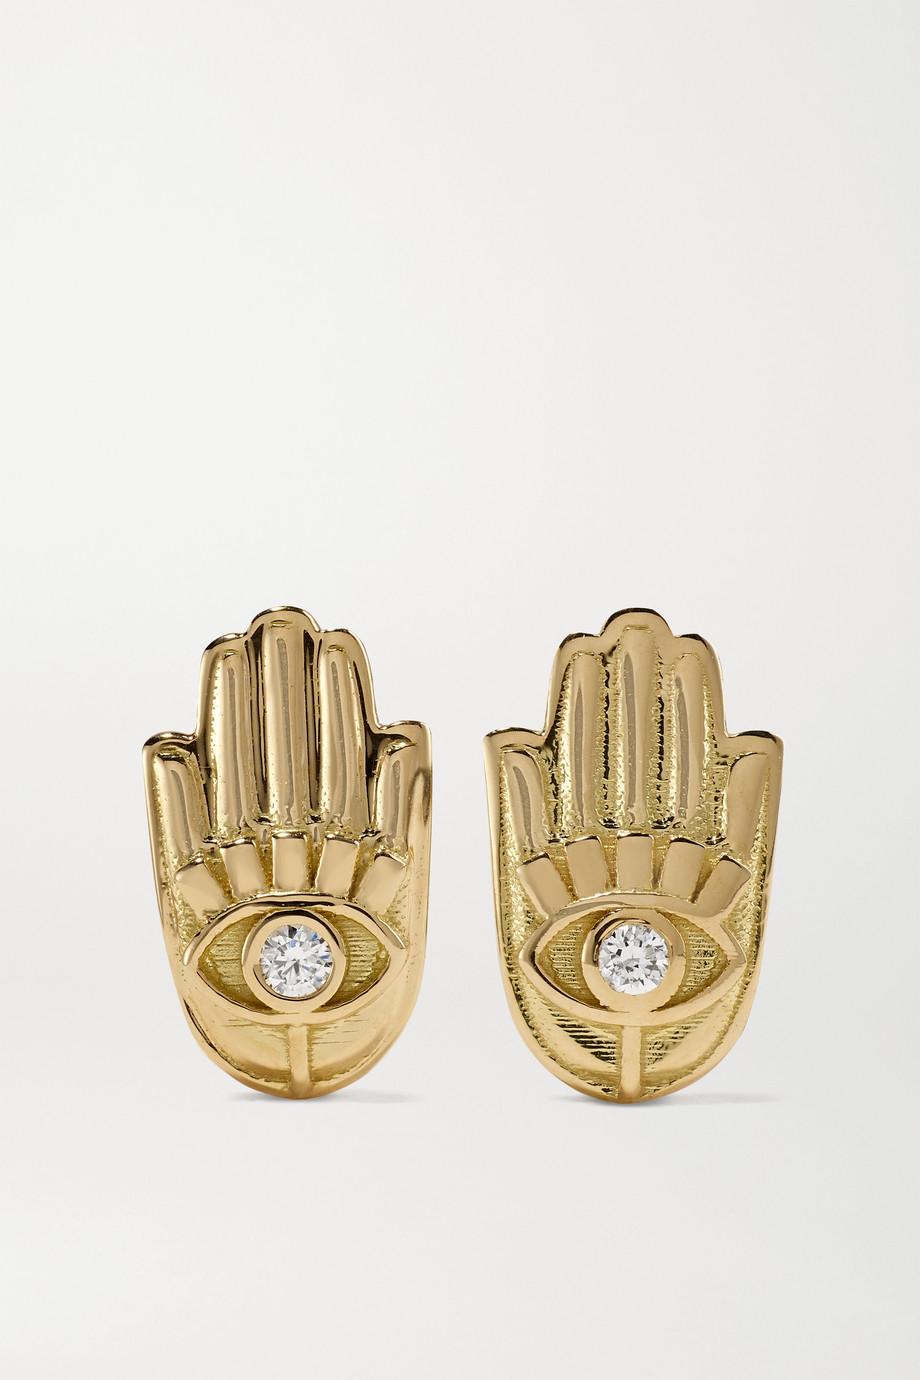 Brent Neale Hamsa Ohrringe aus 18 Karat Gold mit Diamanten